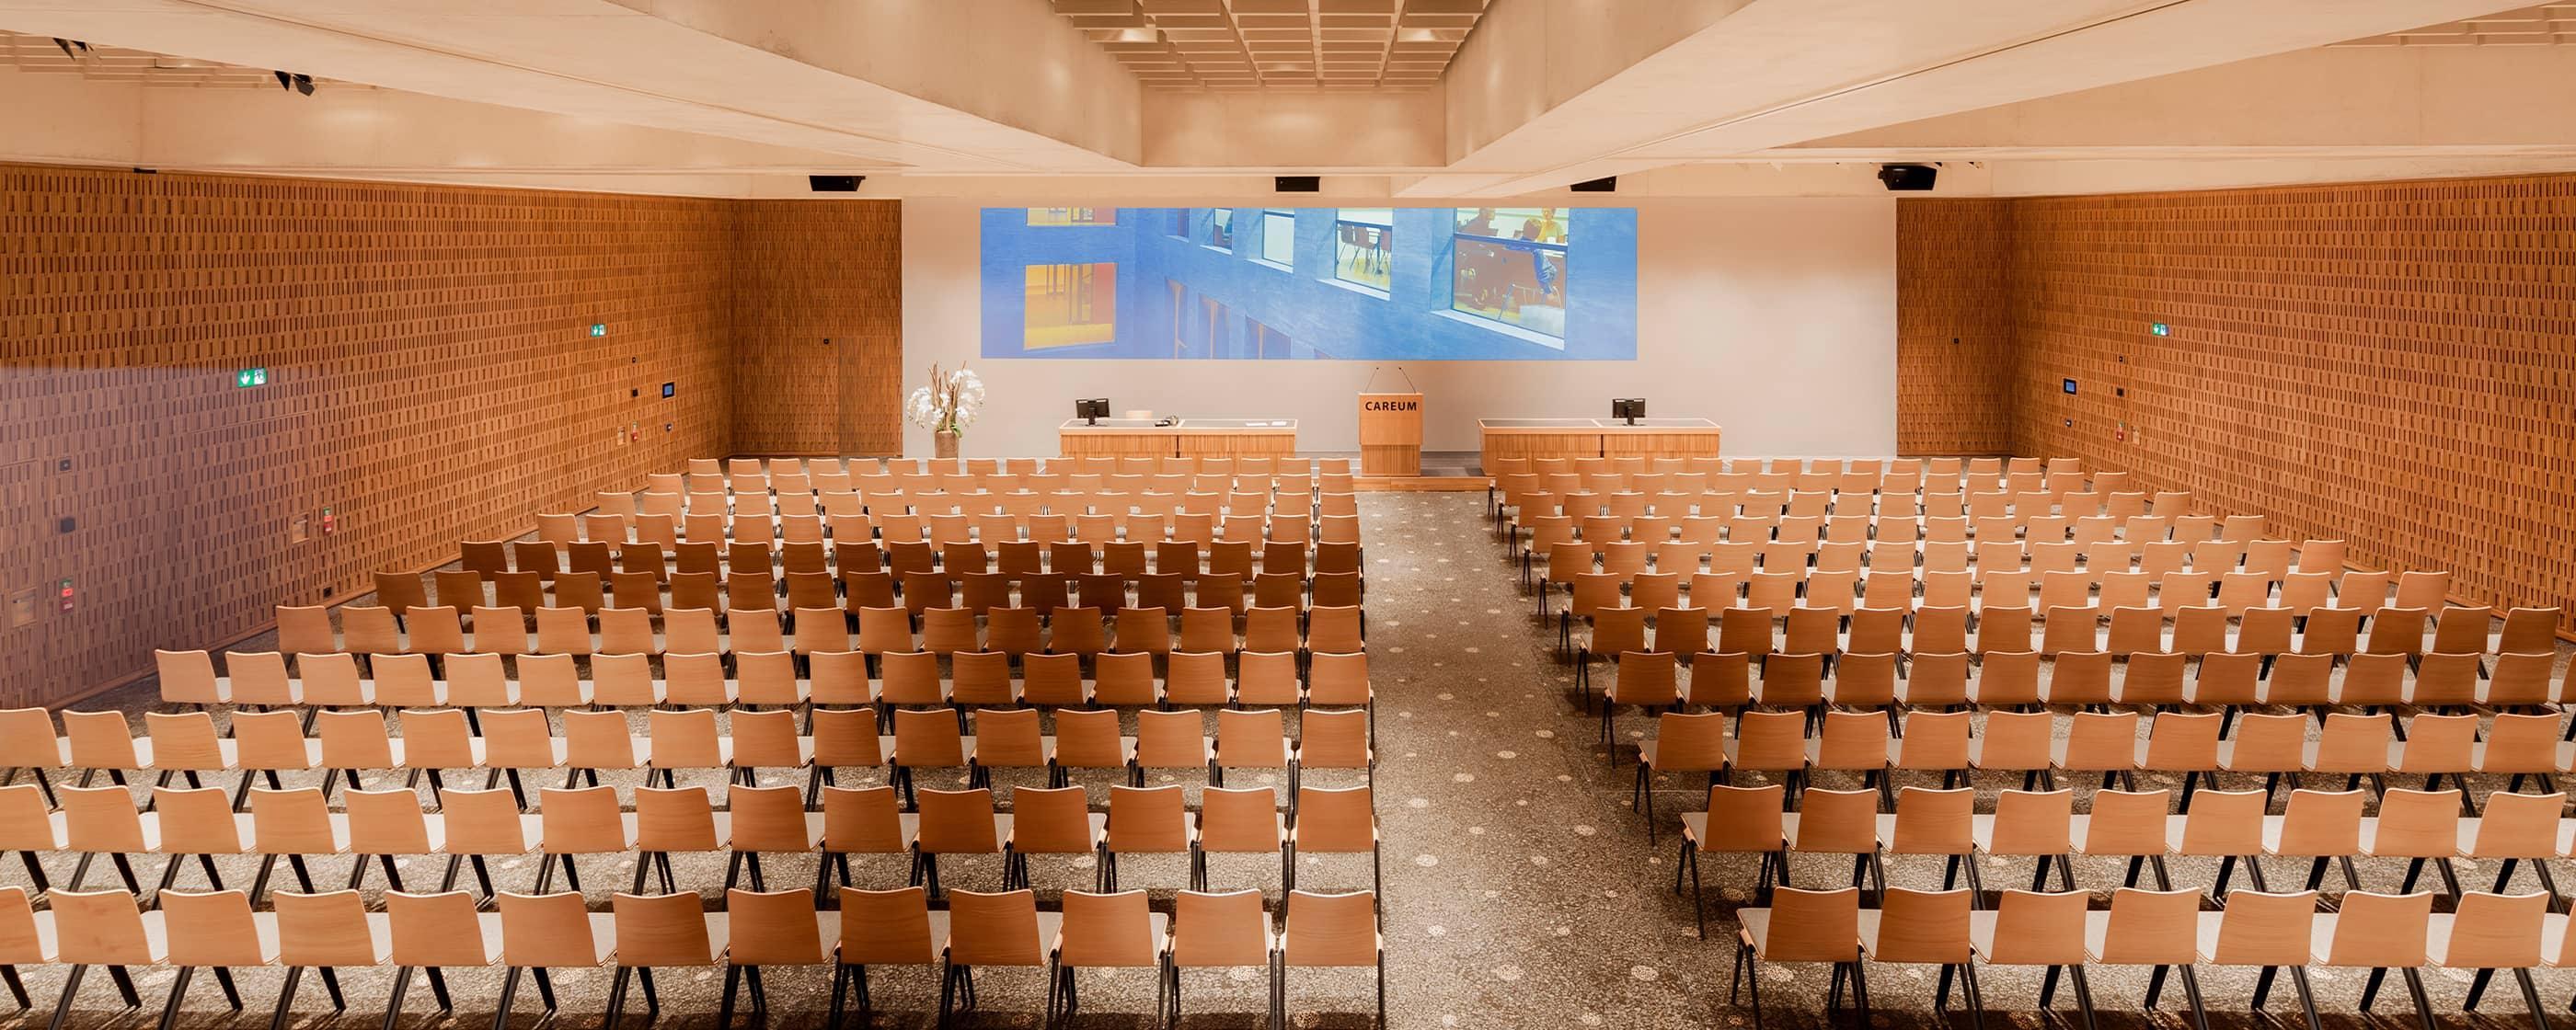 Careum Auditorium